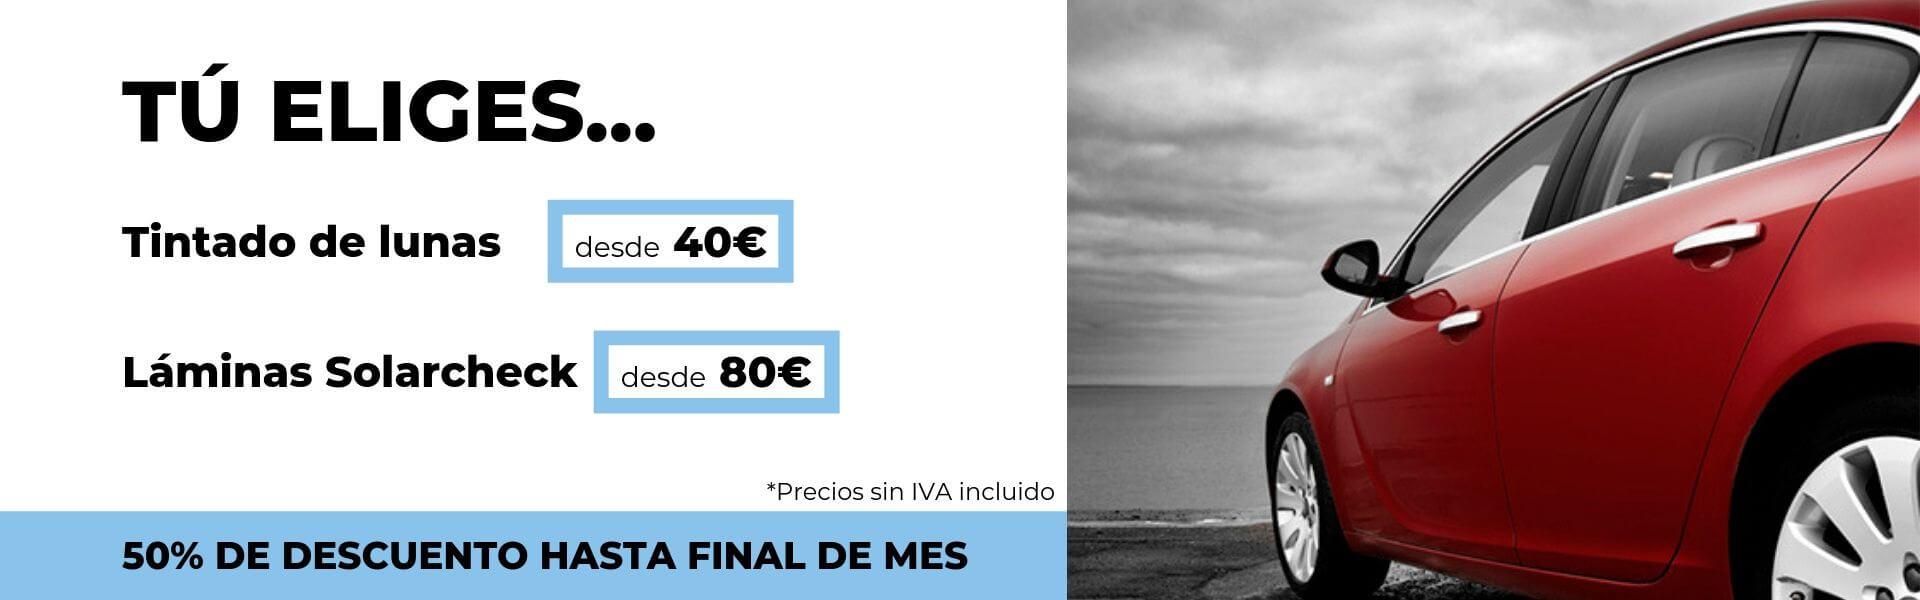 oferta en tintado de lunas Solarcheck Sevilla